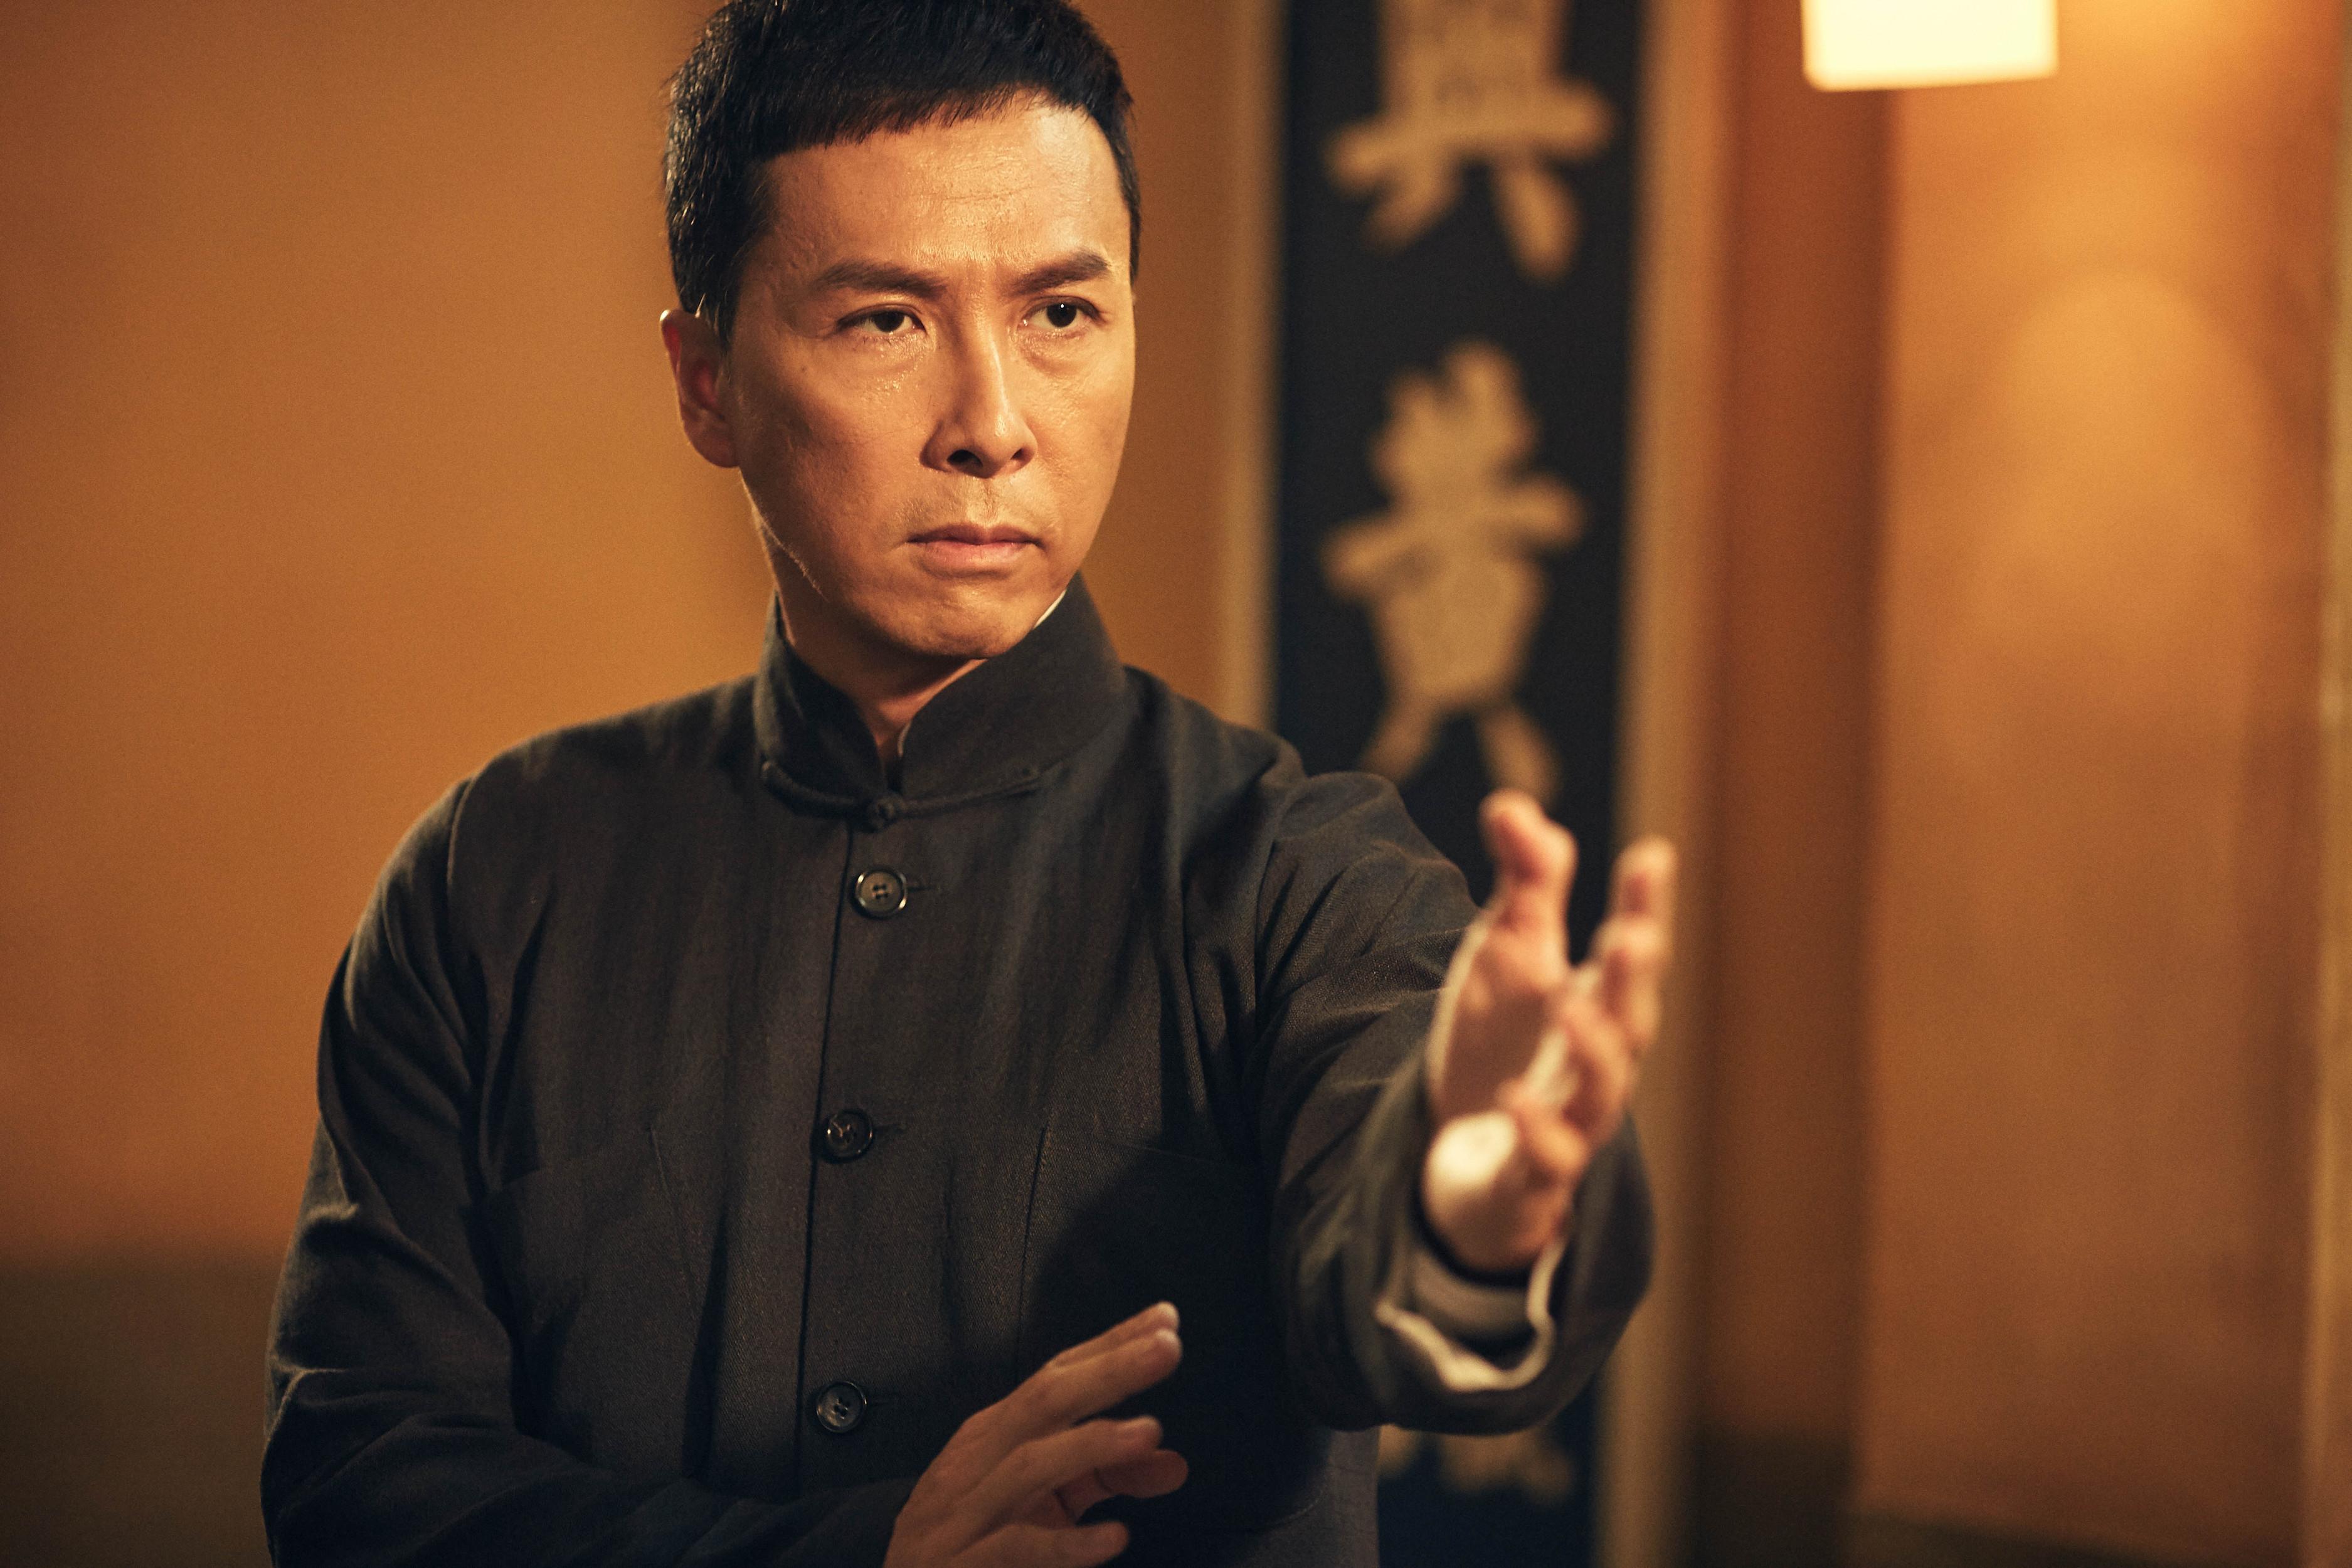 《叶问4》开机!甄子丹微博确认,为了李小龙赴美打出国图片